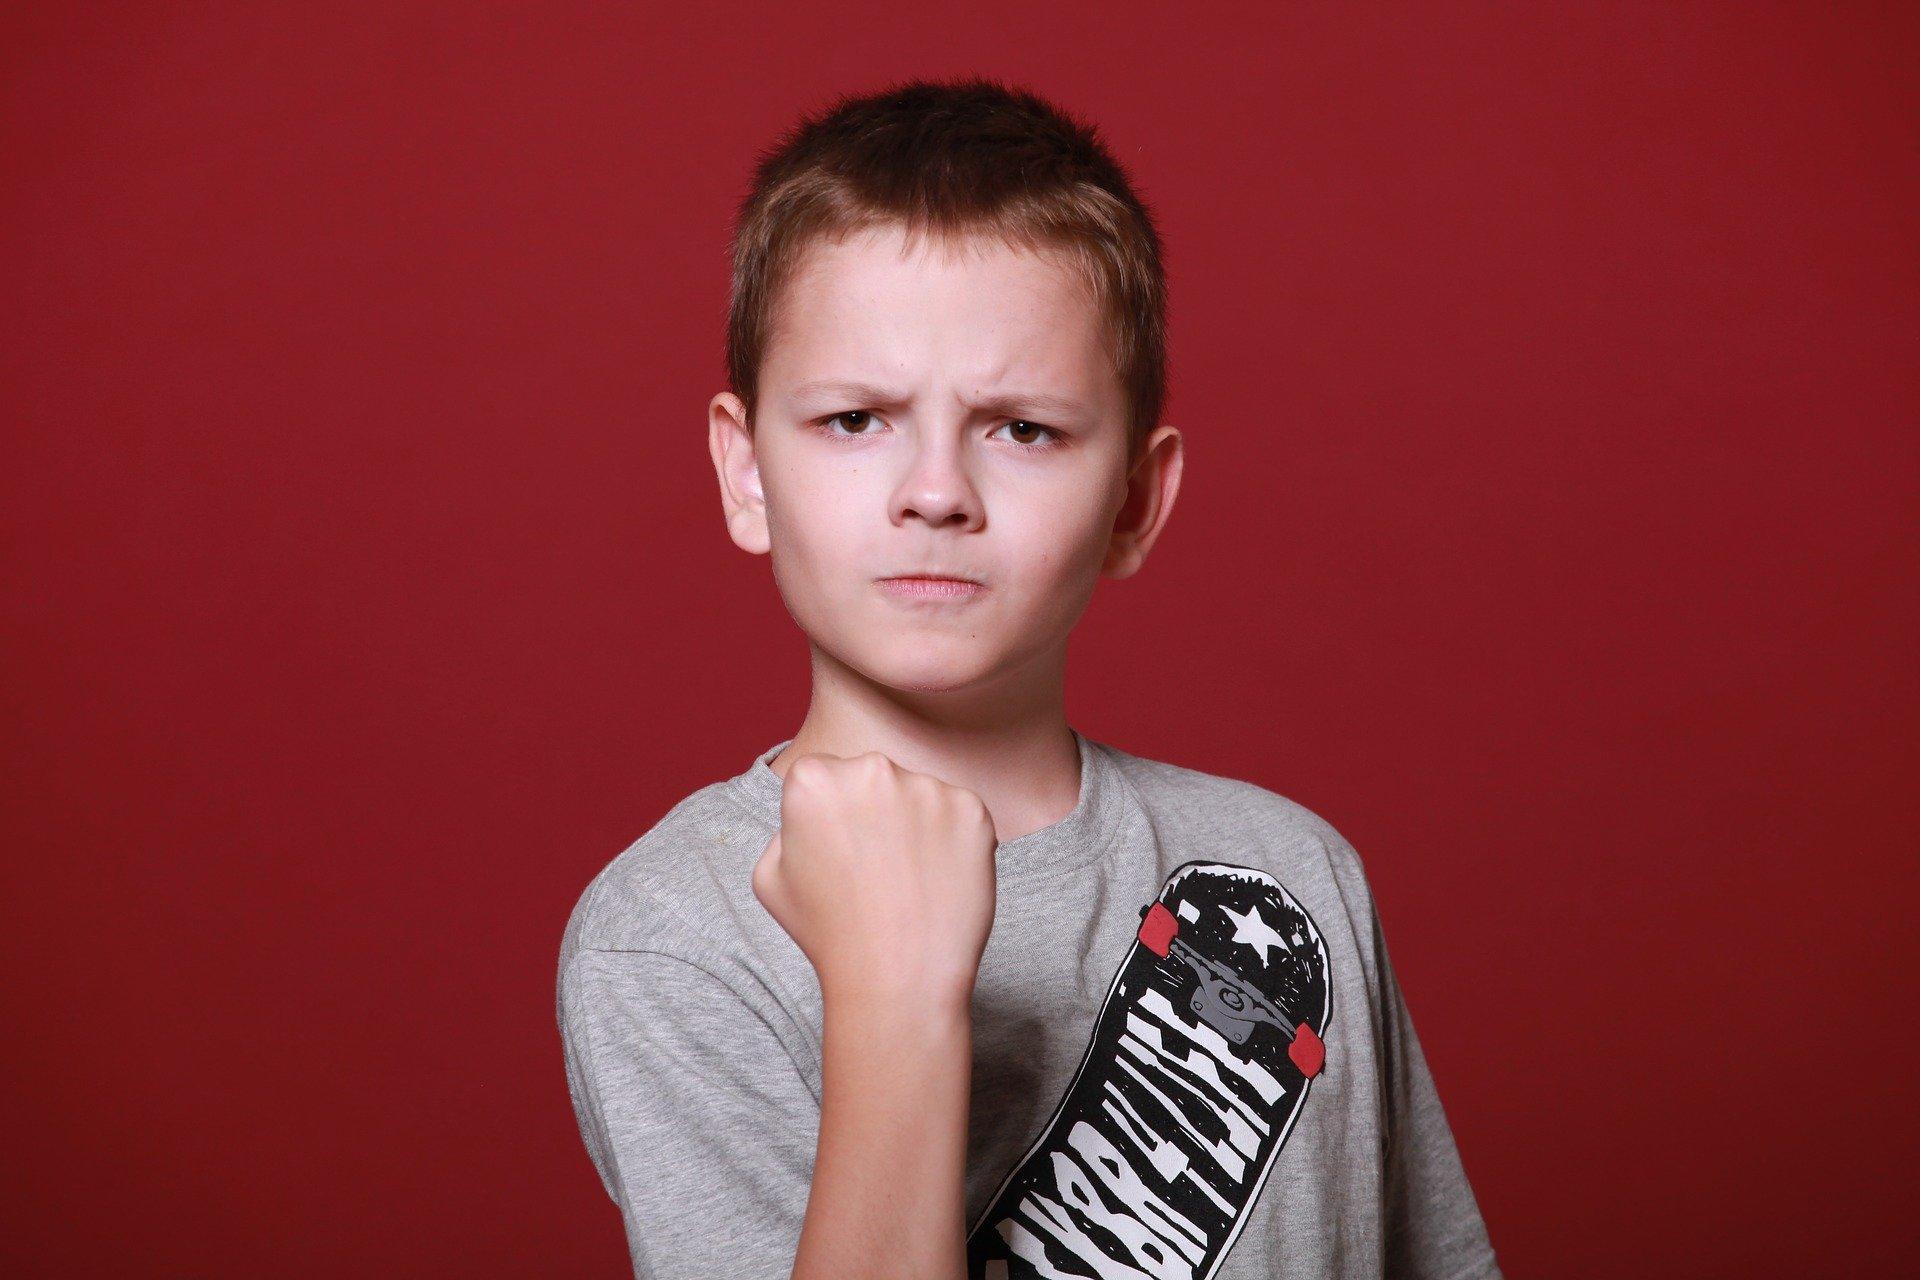 złość madness chłopiec chłopak boy